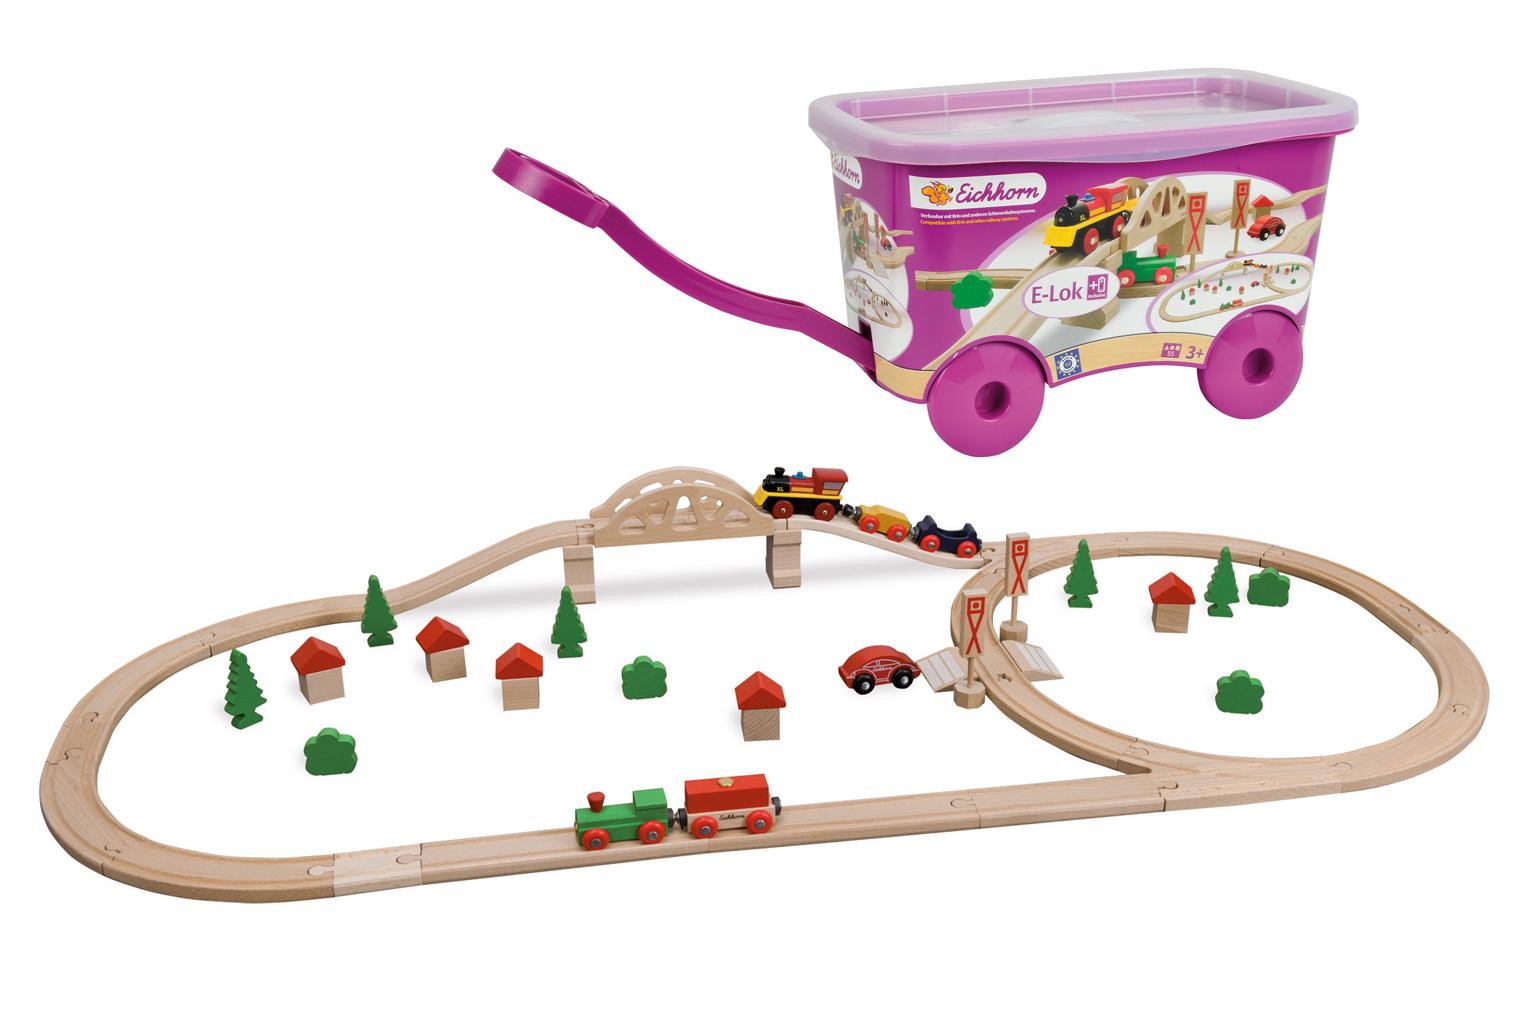 Eichhorn Набор деревянной железной дороги в тележке